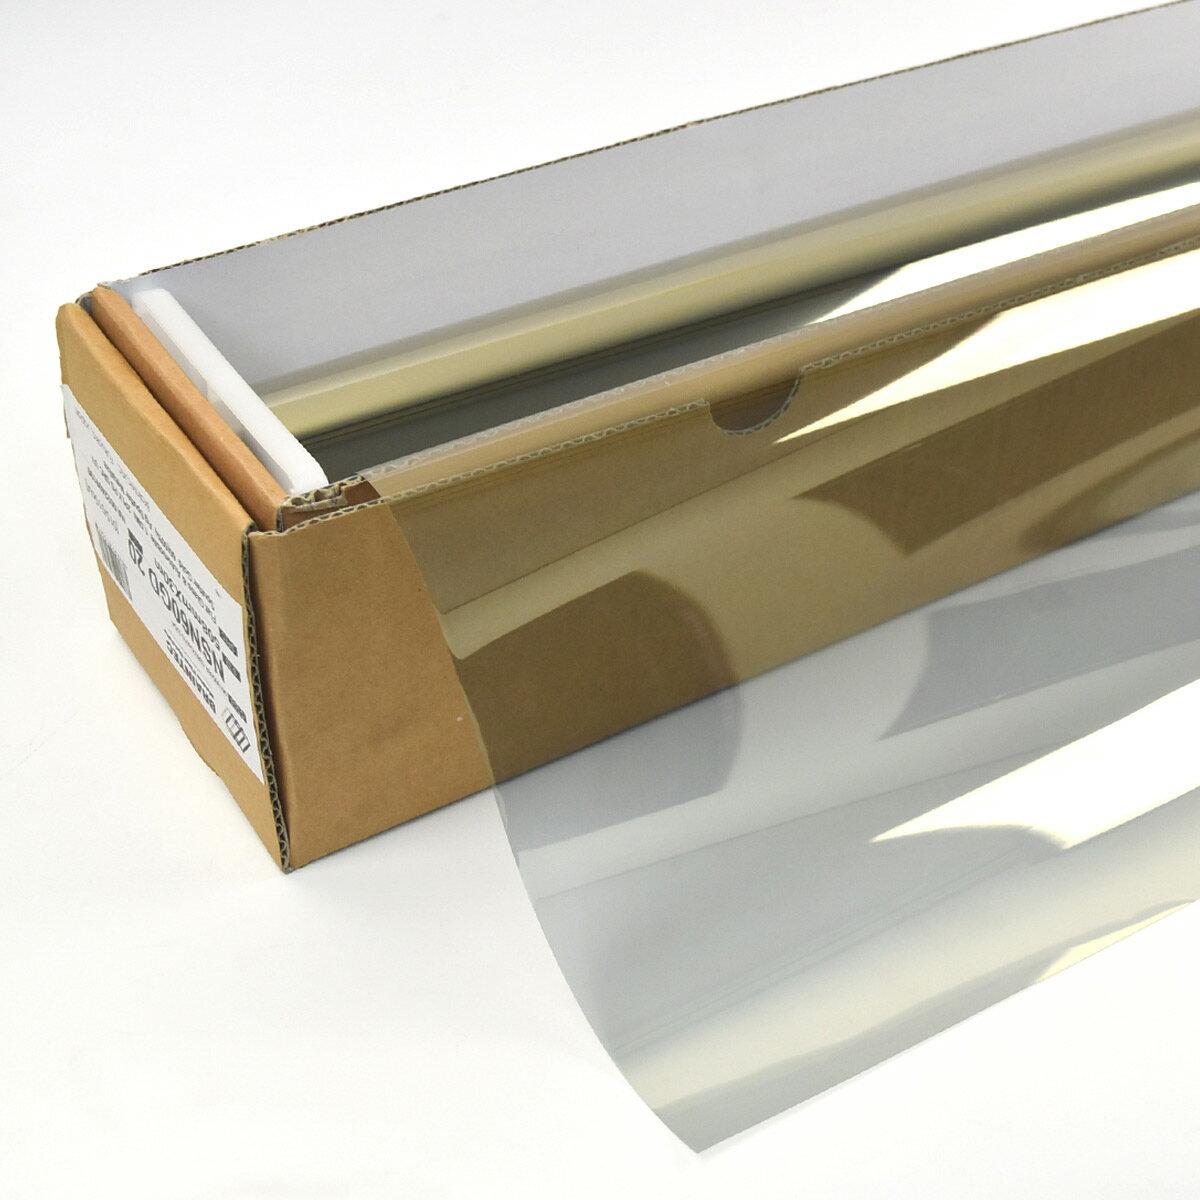 カーフィルム 窓ガラスフィルム スパッタゴールド60(60%) 1m幅×長さ1m単位切売 遮熱フィルム 断熱フィルム UVカットフィルム ブレインテック Braintec